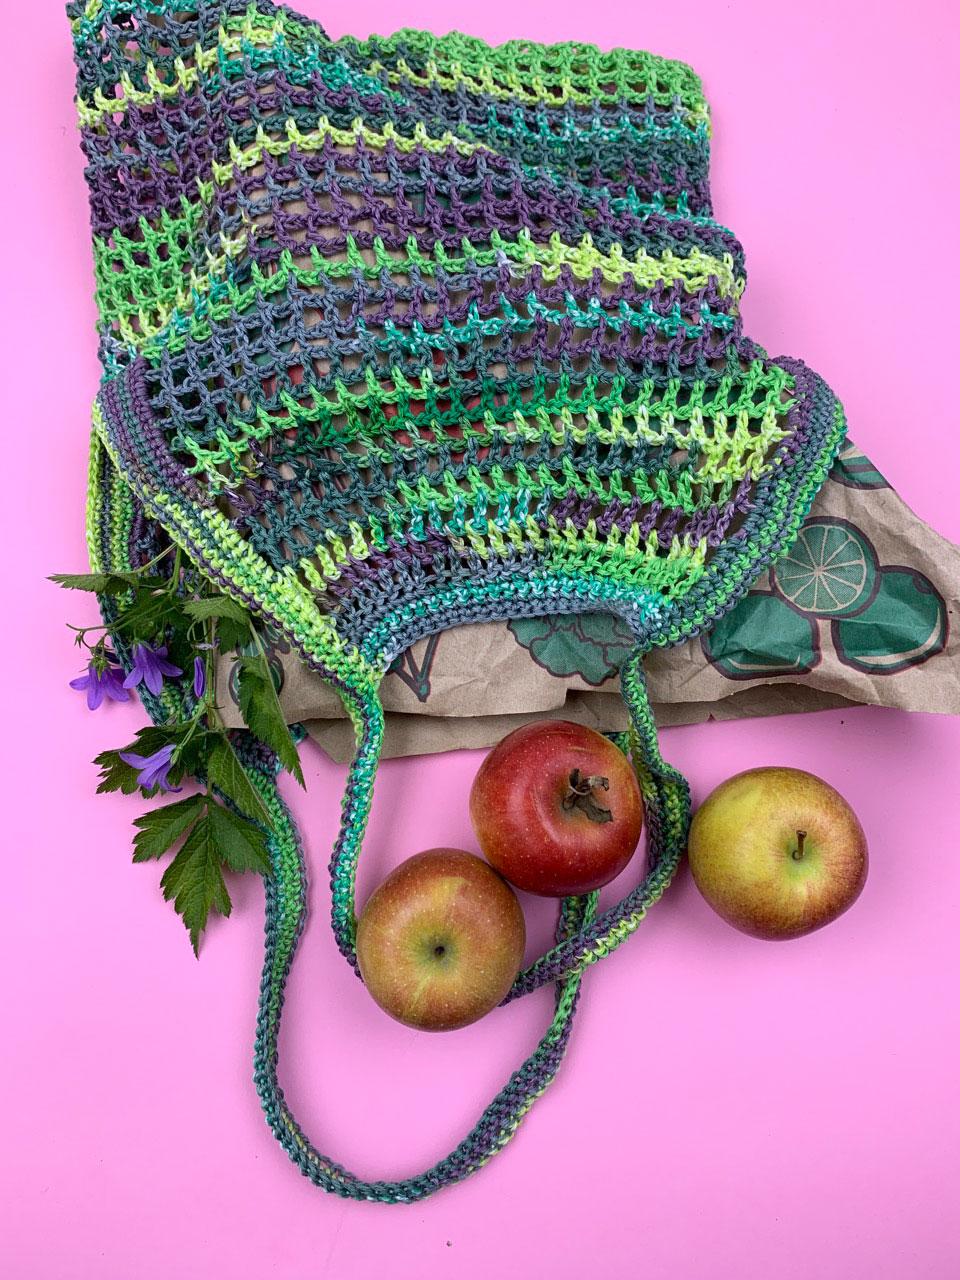 Häkelnetz in Grün und Violett